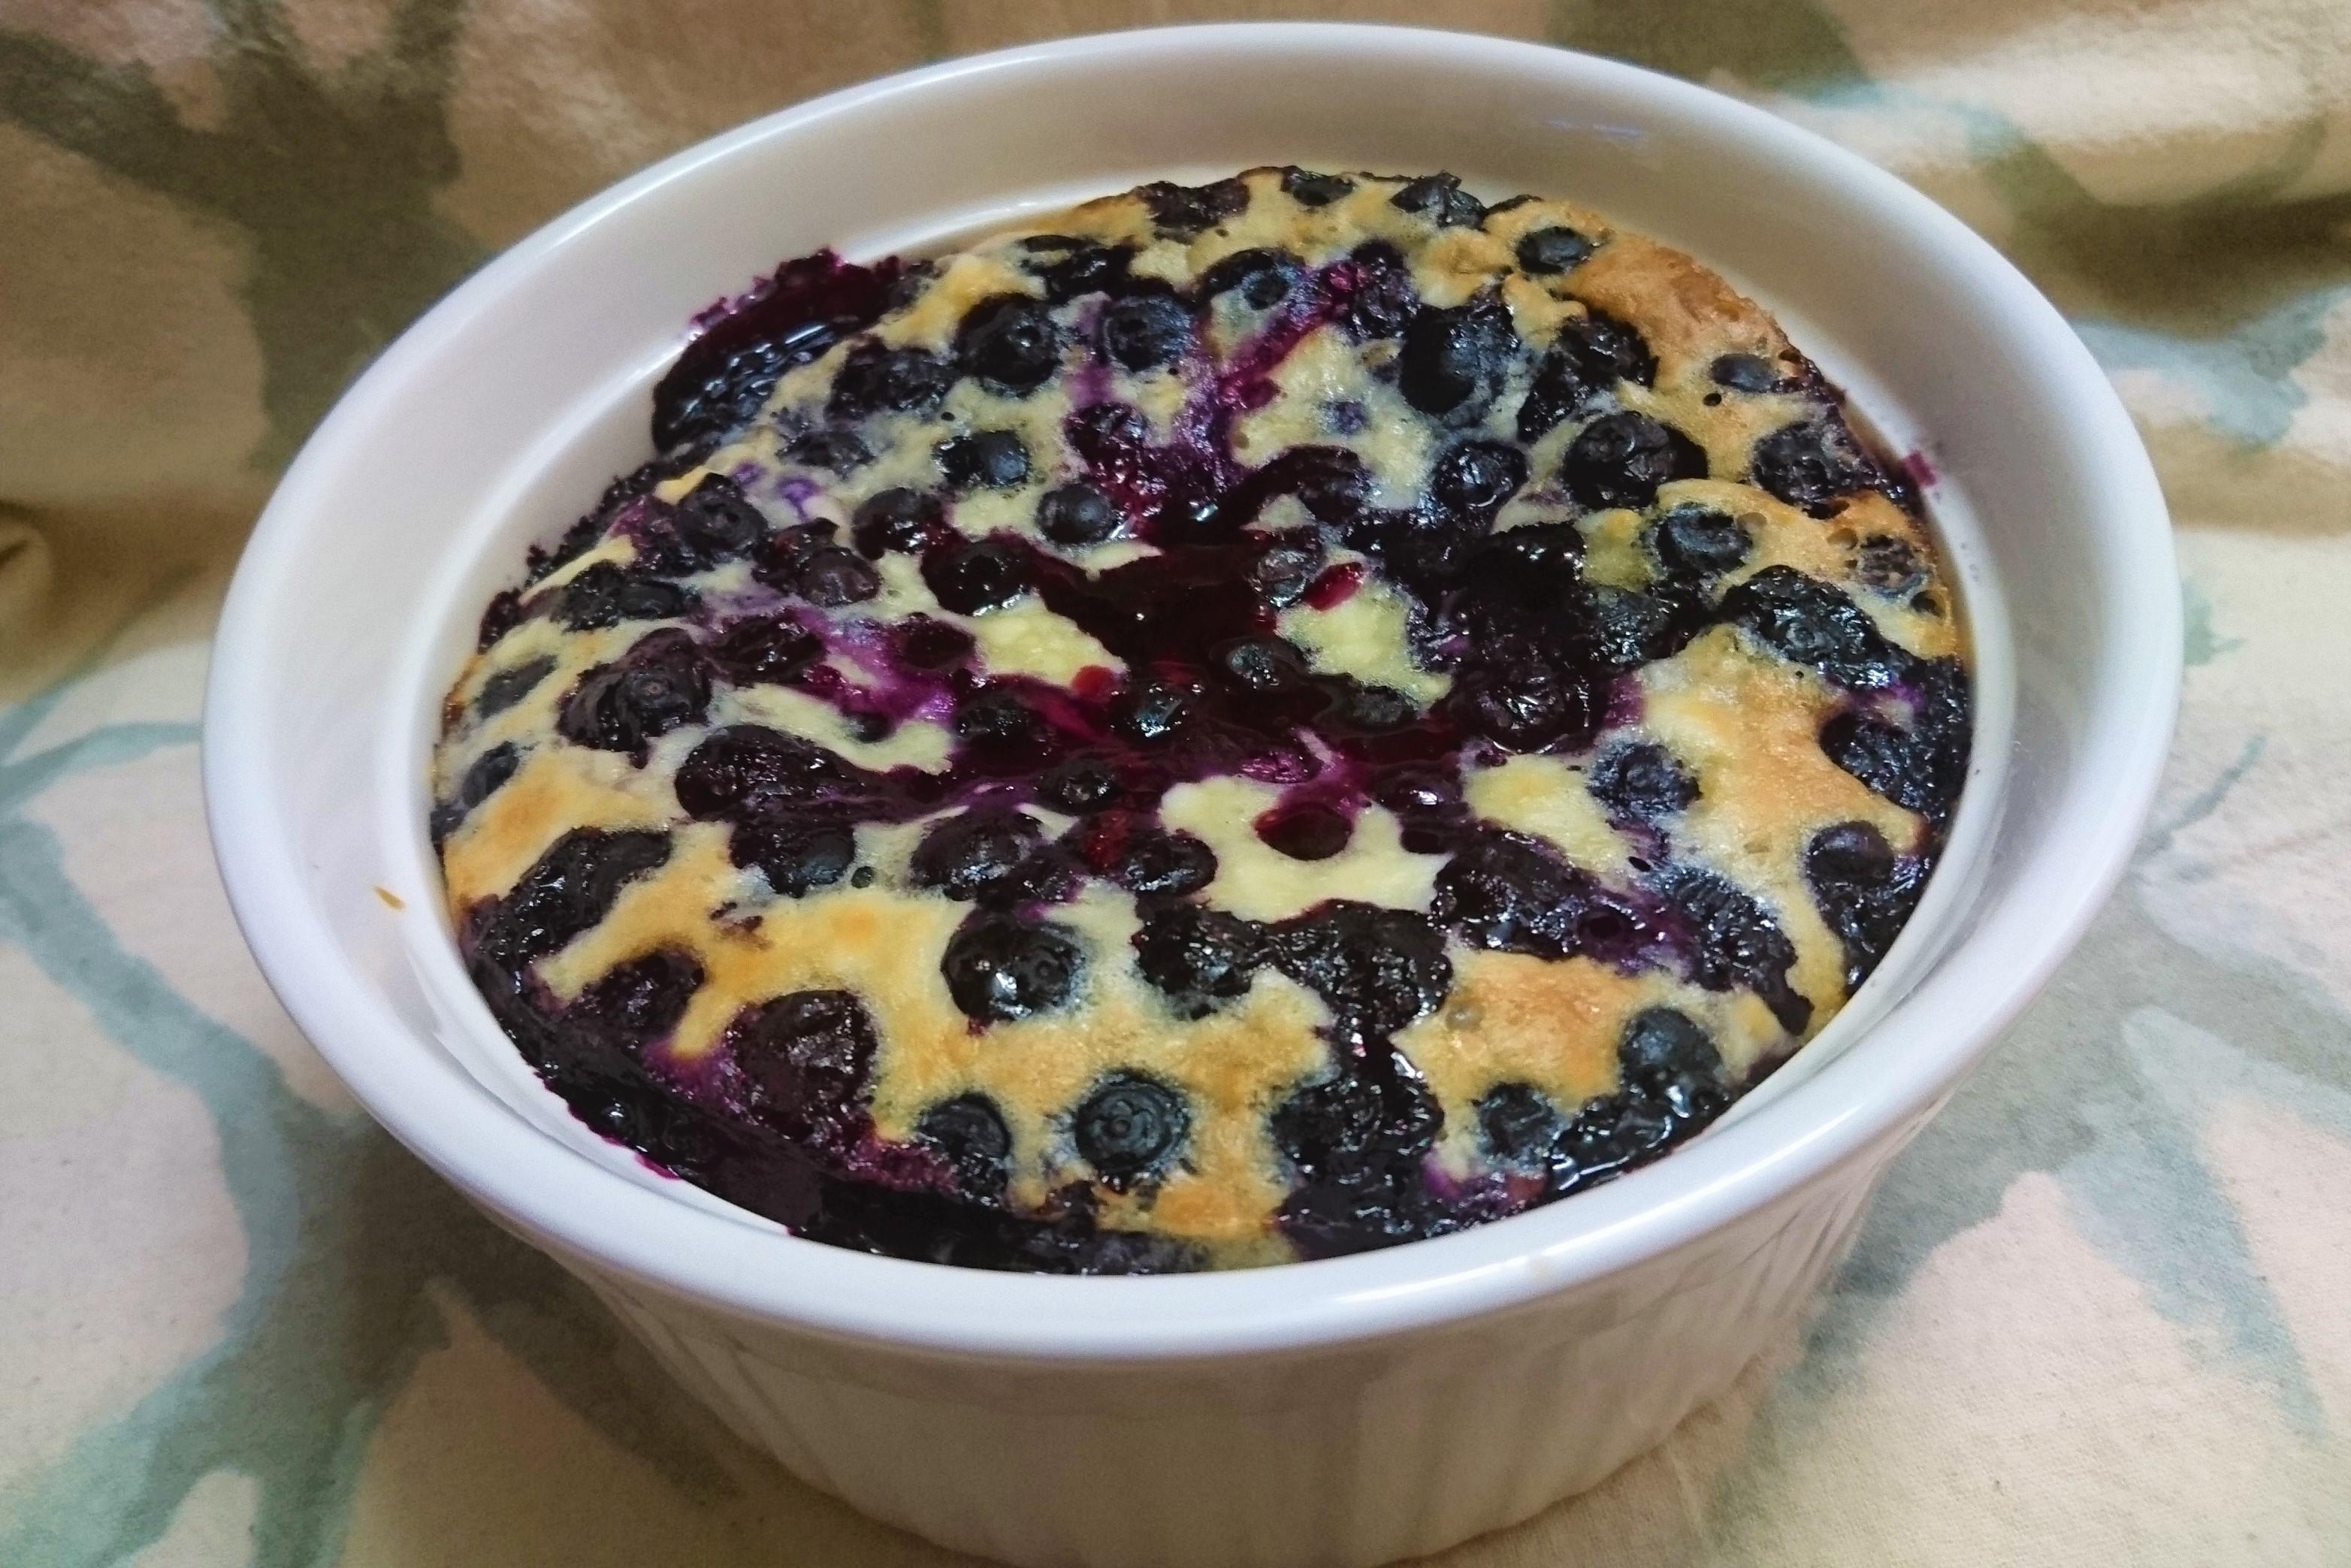 Chef John's Blueberry Clafoutis